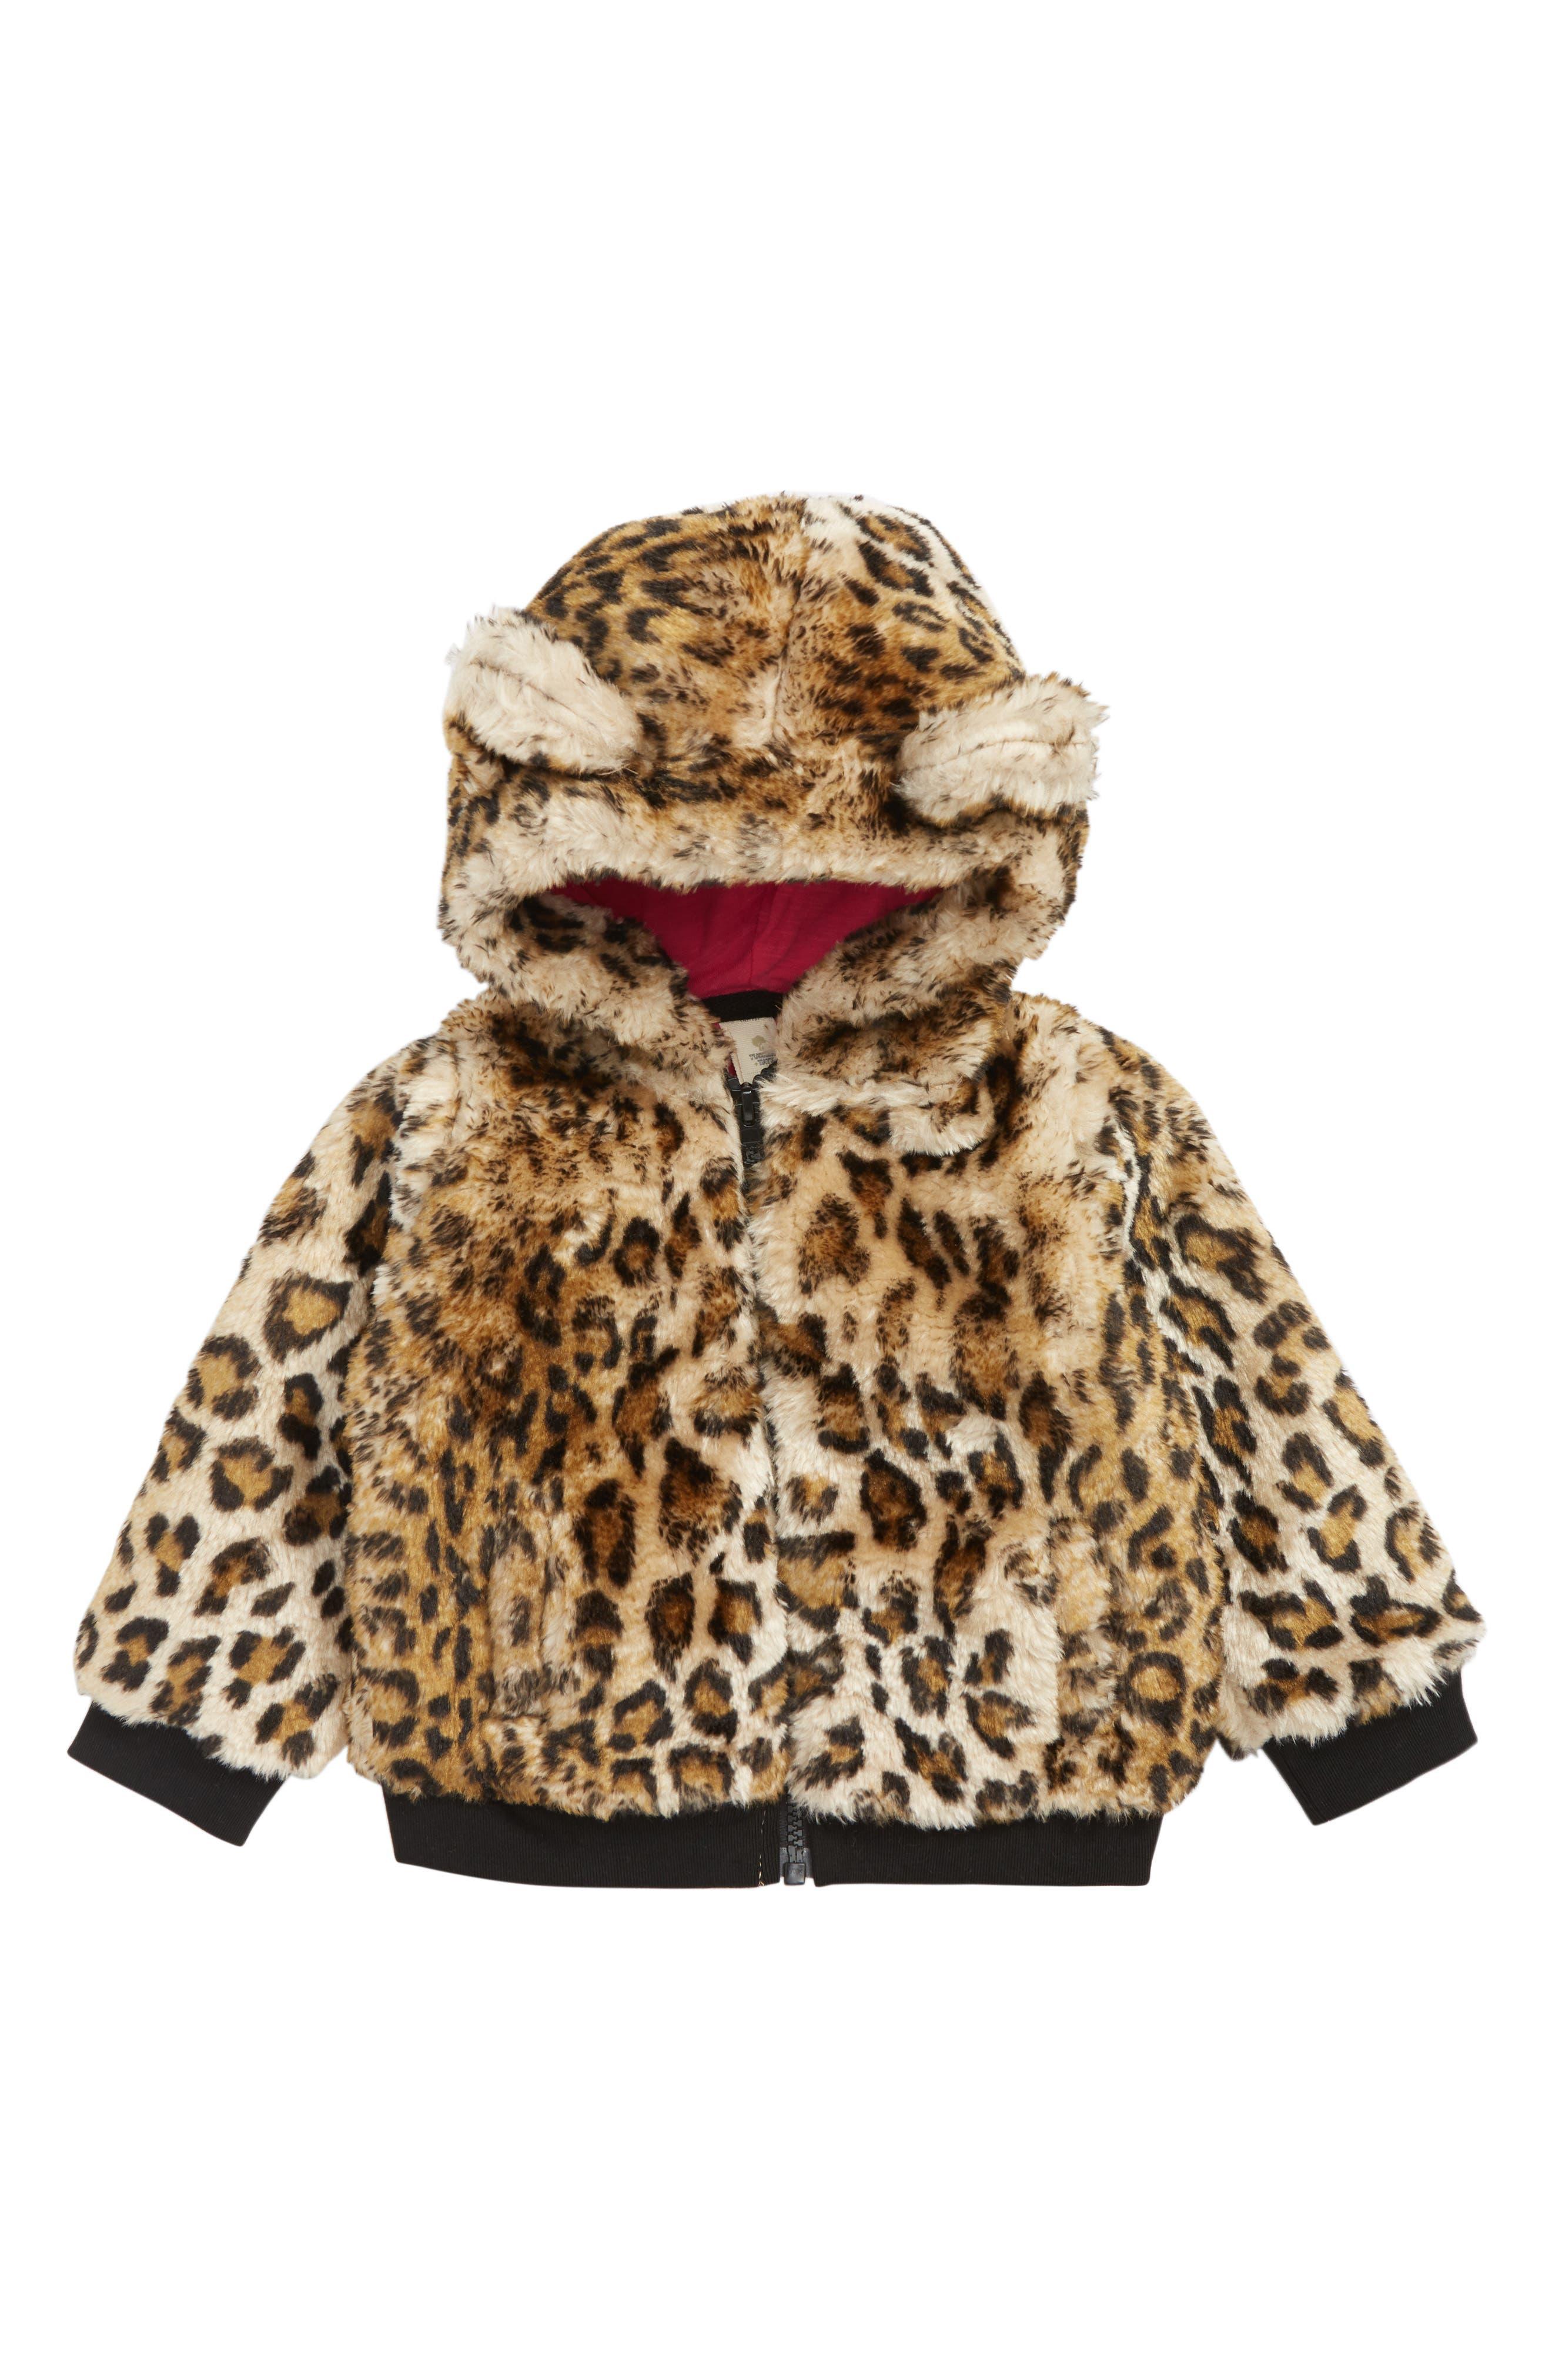 Animal Print Faux Fur Jacket,                         Main,                         color, TAN DALE LEOPARD